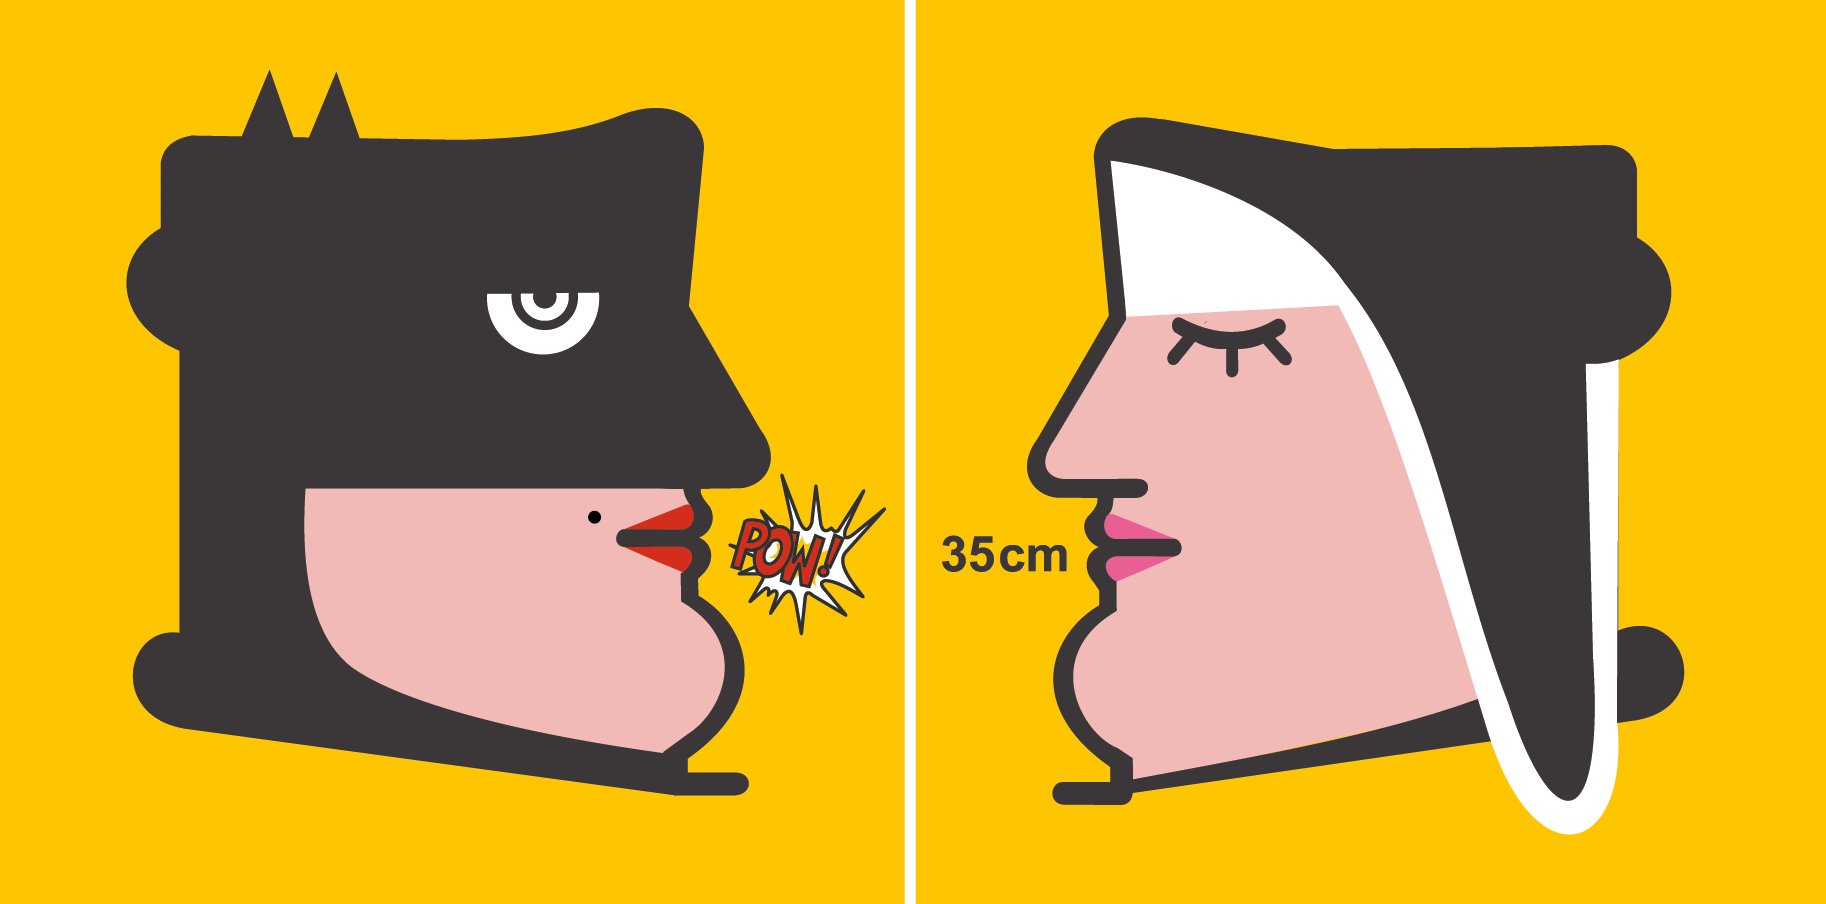 Autore: IABO Titolo: Madre Snaturata (Catwoman & Monaca di Monza)  Tecnica: Acrilico e spray su tela Dimensione: dittico 70x140 cm. Edizione di 5 pezzi Anno: 2011 (Collezione Privata)  Title: Übermensch (Friedrich Nietzsche & Superman) Technique: Acrylic and spray on canvas Dimension: Diptych 70x140 cm. Edition of 5 pieces Year: 2011 (Private collection)